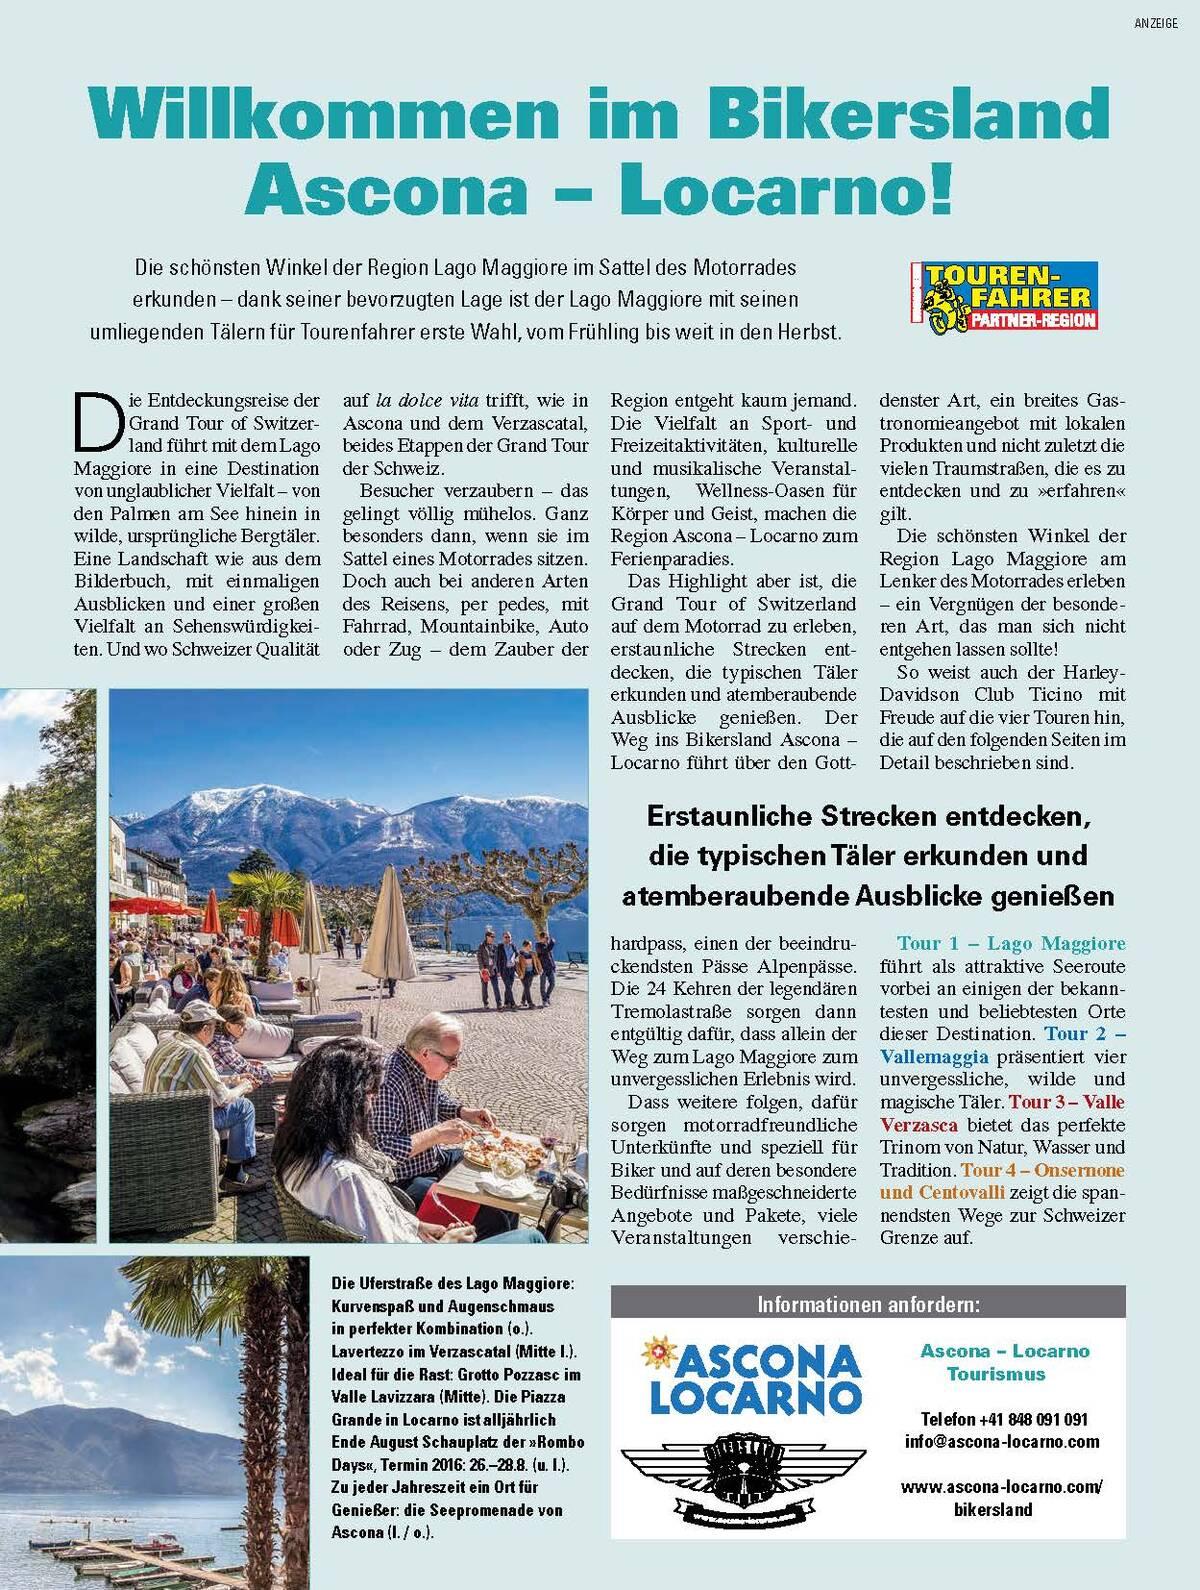 Reise-Reportage aus der TOURENFAHRER Ausgabe 6/2016